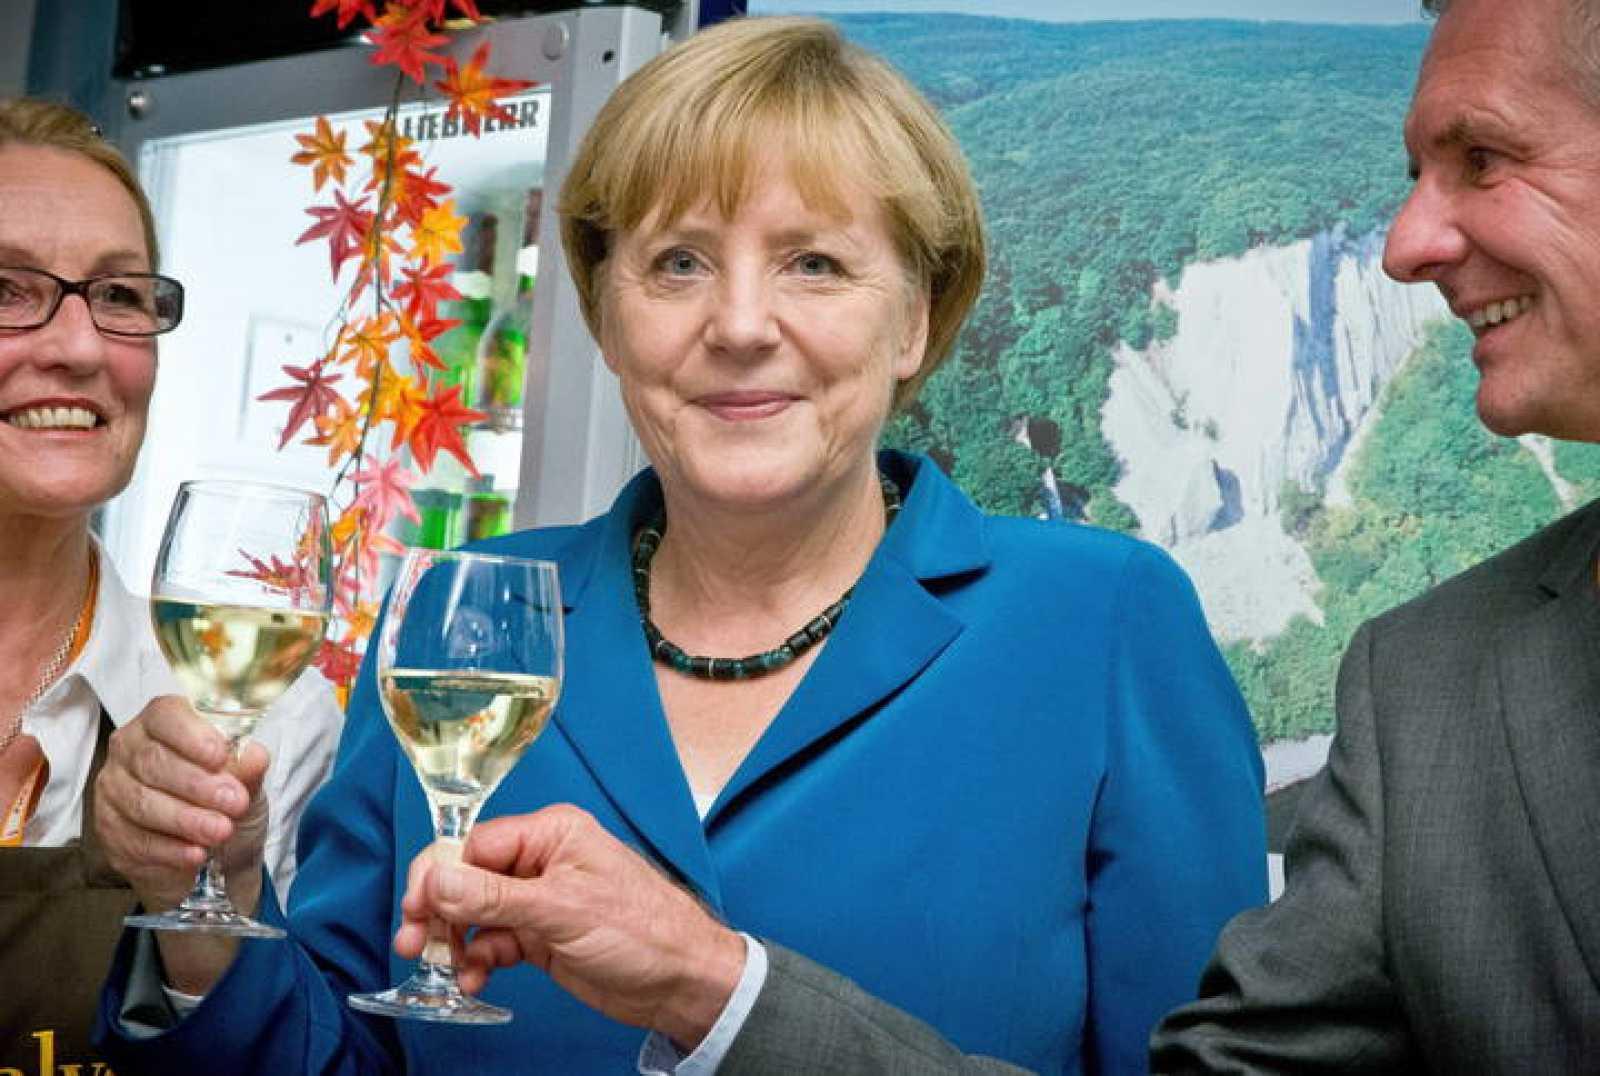 La Canciller alemana Angela Merkel celebra su tercera victoria electoral consecutiva